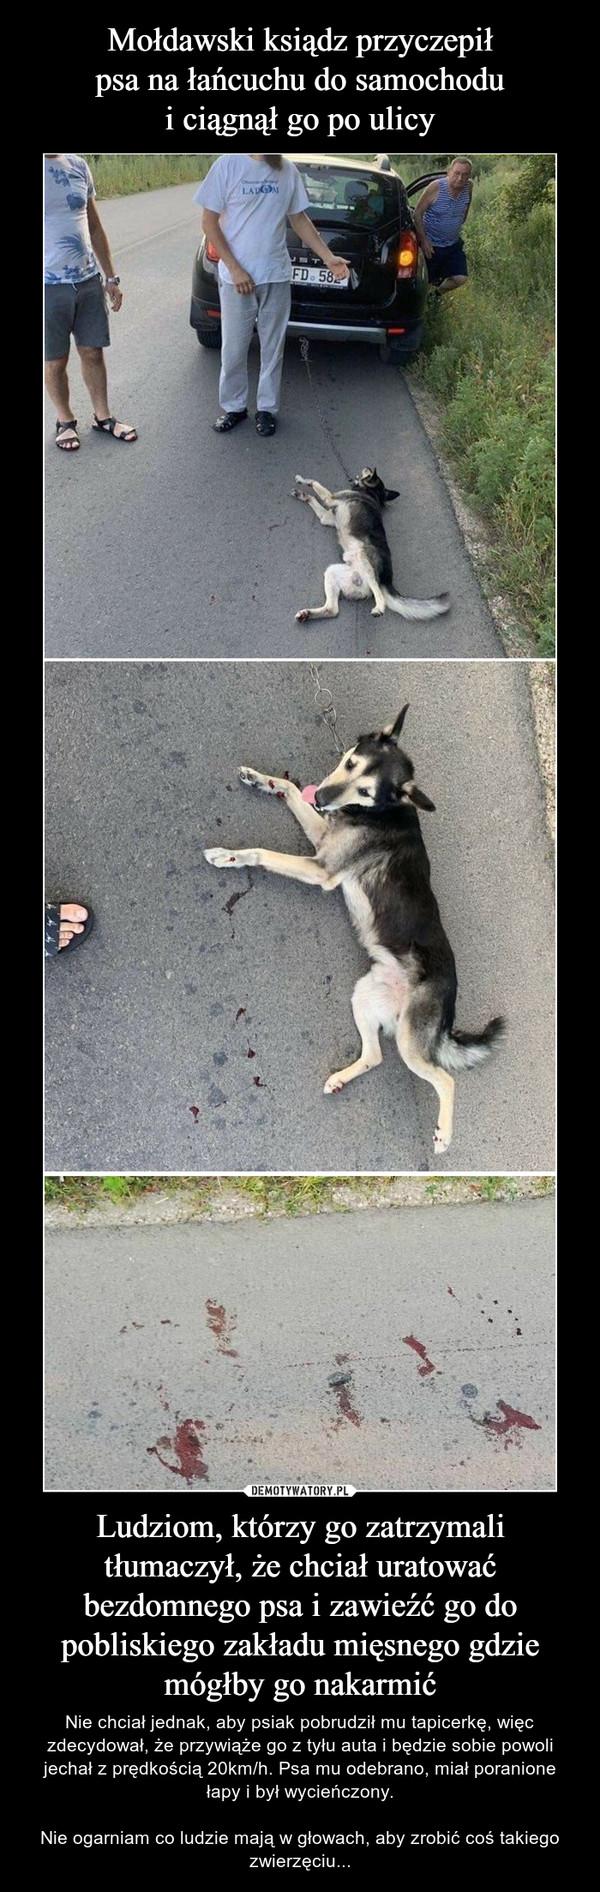 Ludziom, którzy go zatrzymali tłumaczył, że chciał uratować bezdomnego psa i zawieźć go do pobliskiego zakładu mięsnego gdzie mógłby go nakarmić – Nie chciał jednak, aby psiak pobrudził mu tapicerkę, więc zdecydował, że przywiąże go z tyłu auta i będzie sobie powoli jechał z prędkością 20km/h. Psa mu odebrano, miał poranione łapy i był wycieńczony.Nie ogarniam co ludzie mają w głowach, aby zrobić coś takiego zwierzęciu...